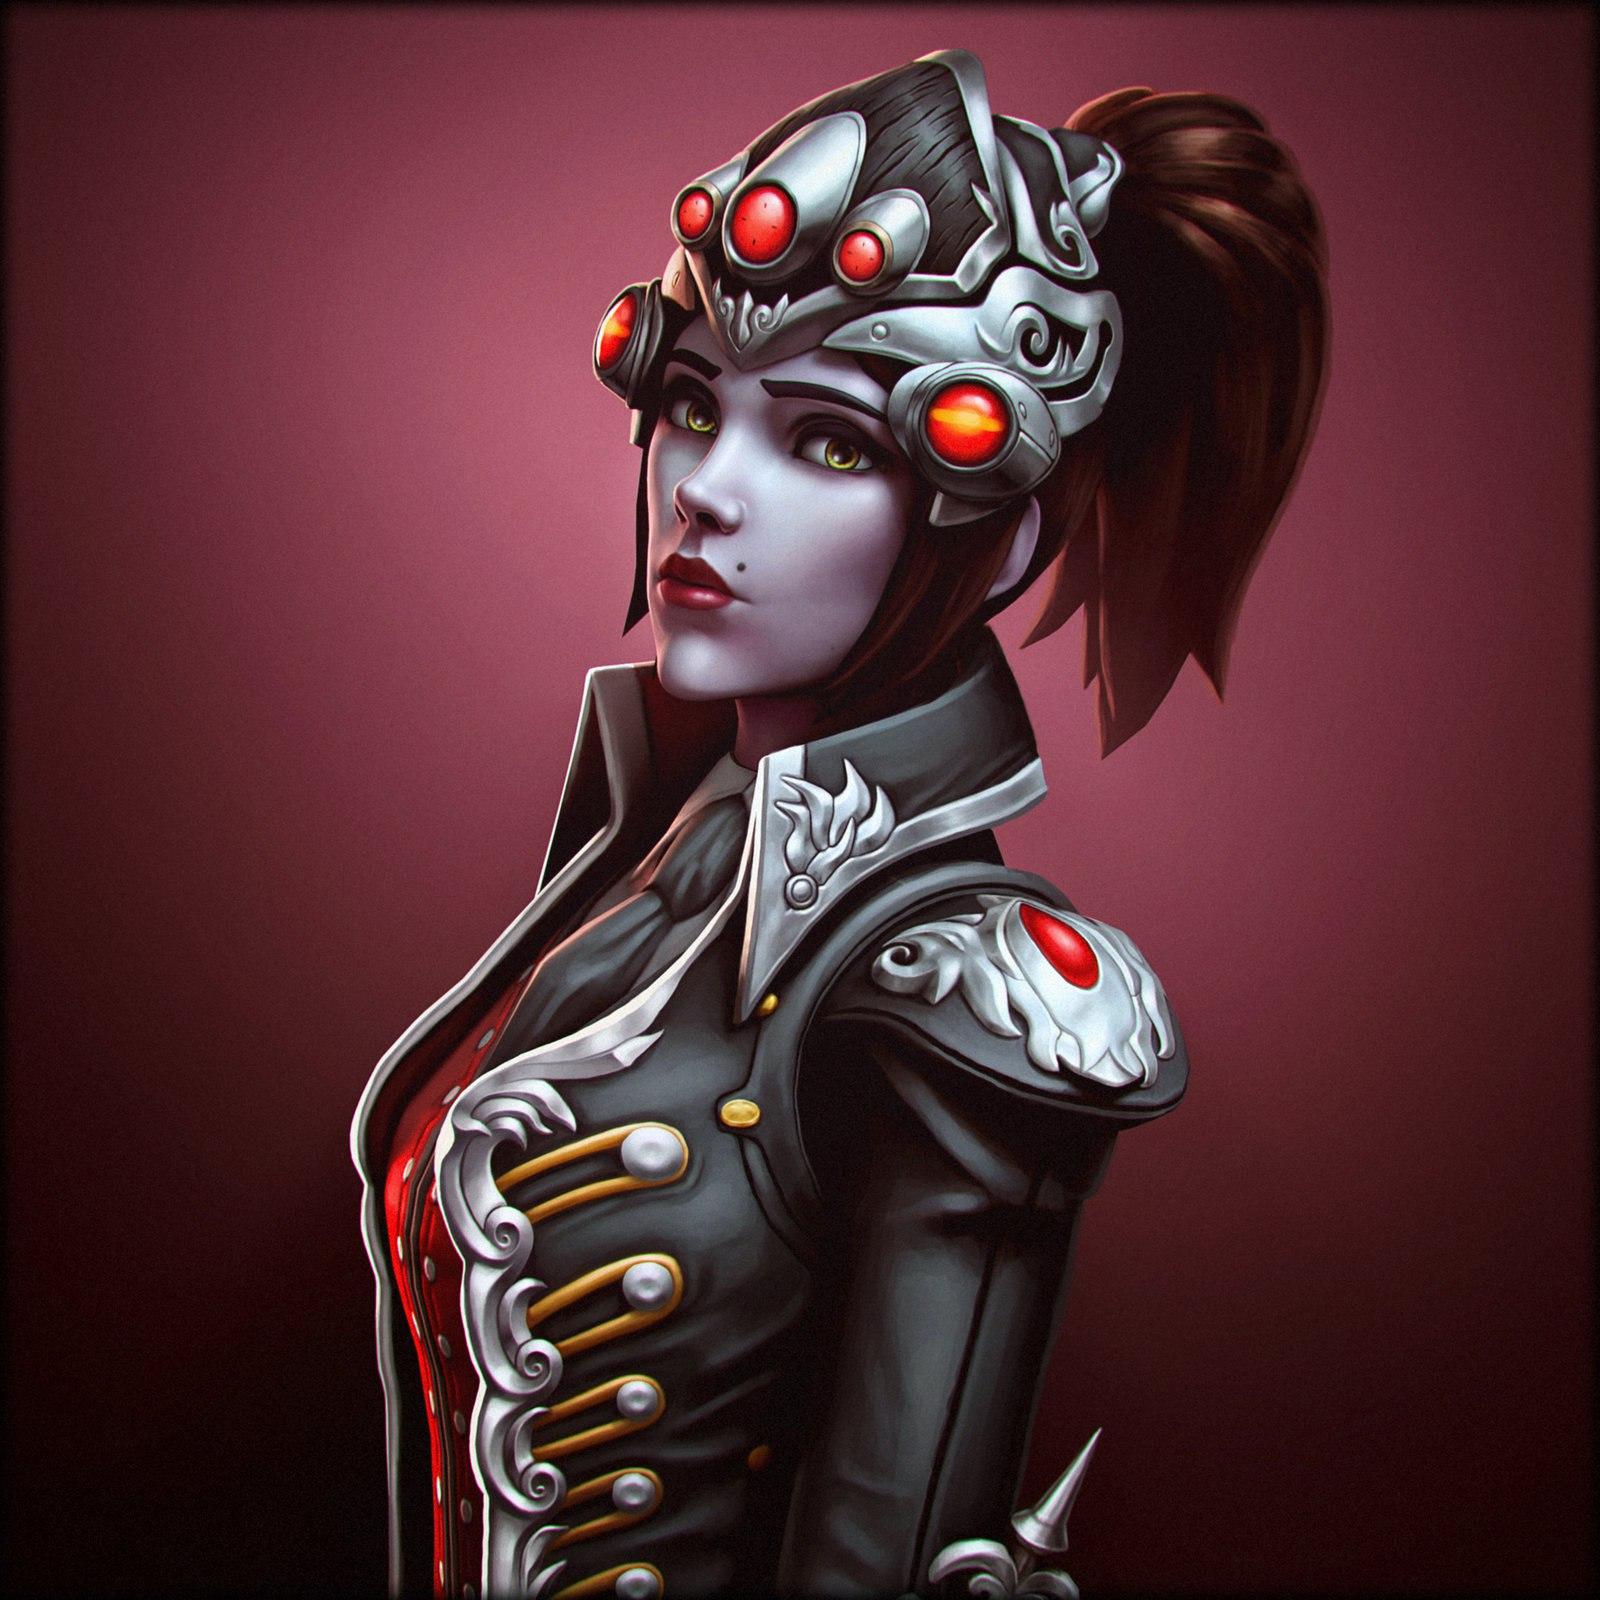 Эпоха стиля от Widowmaker (Overwatch)